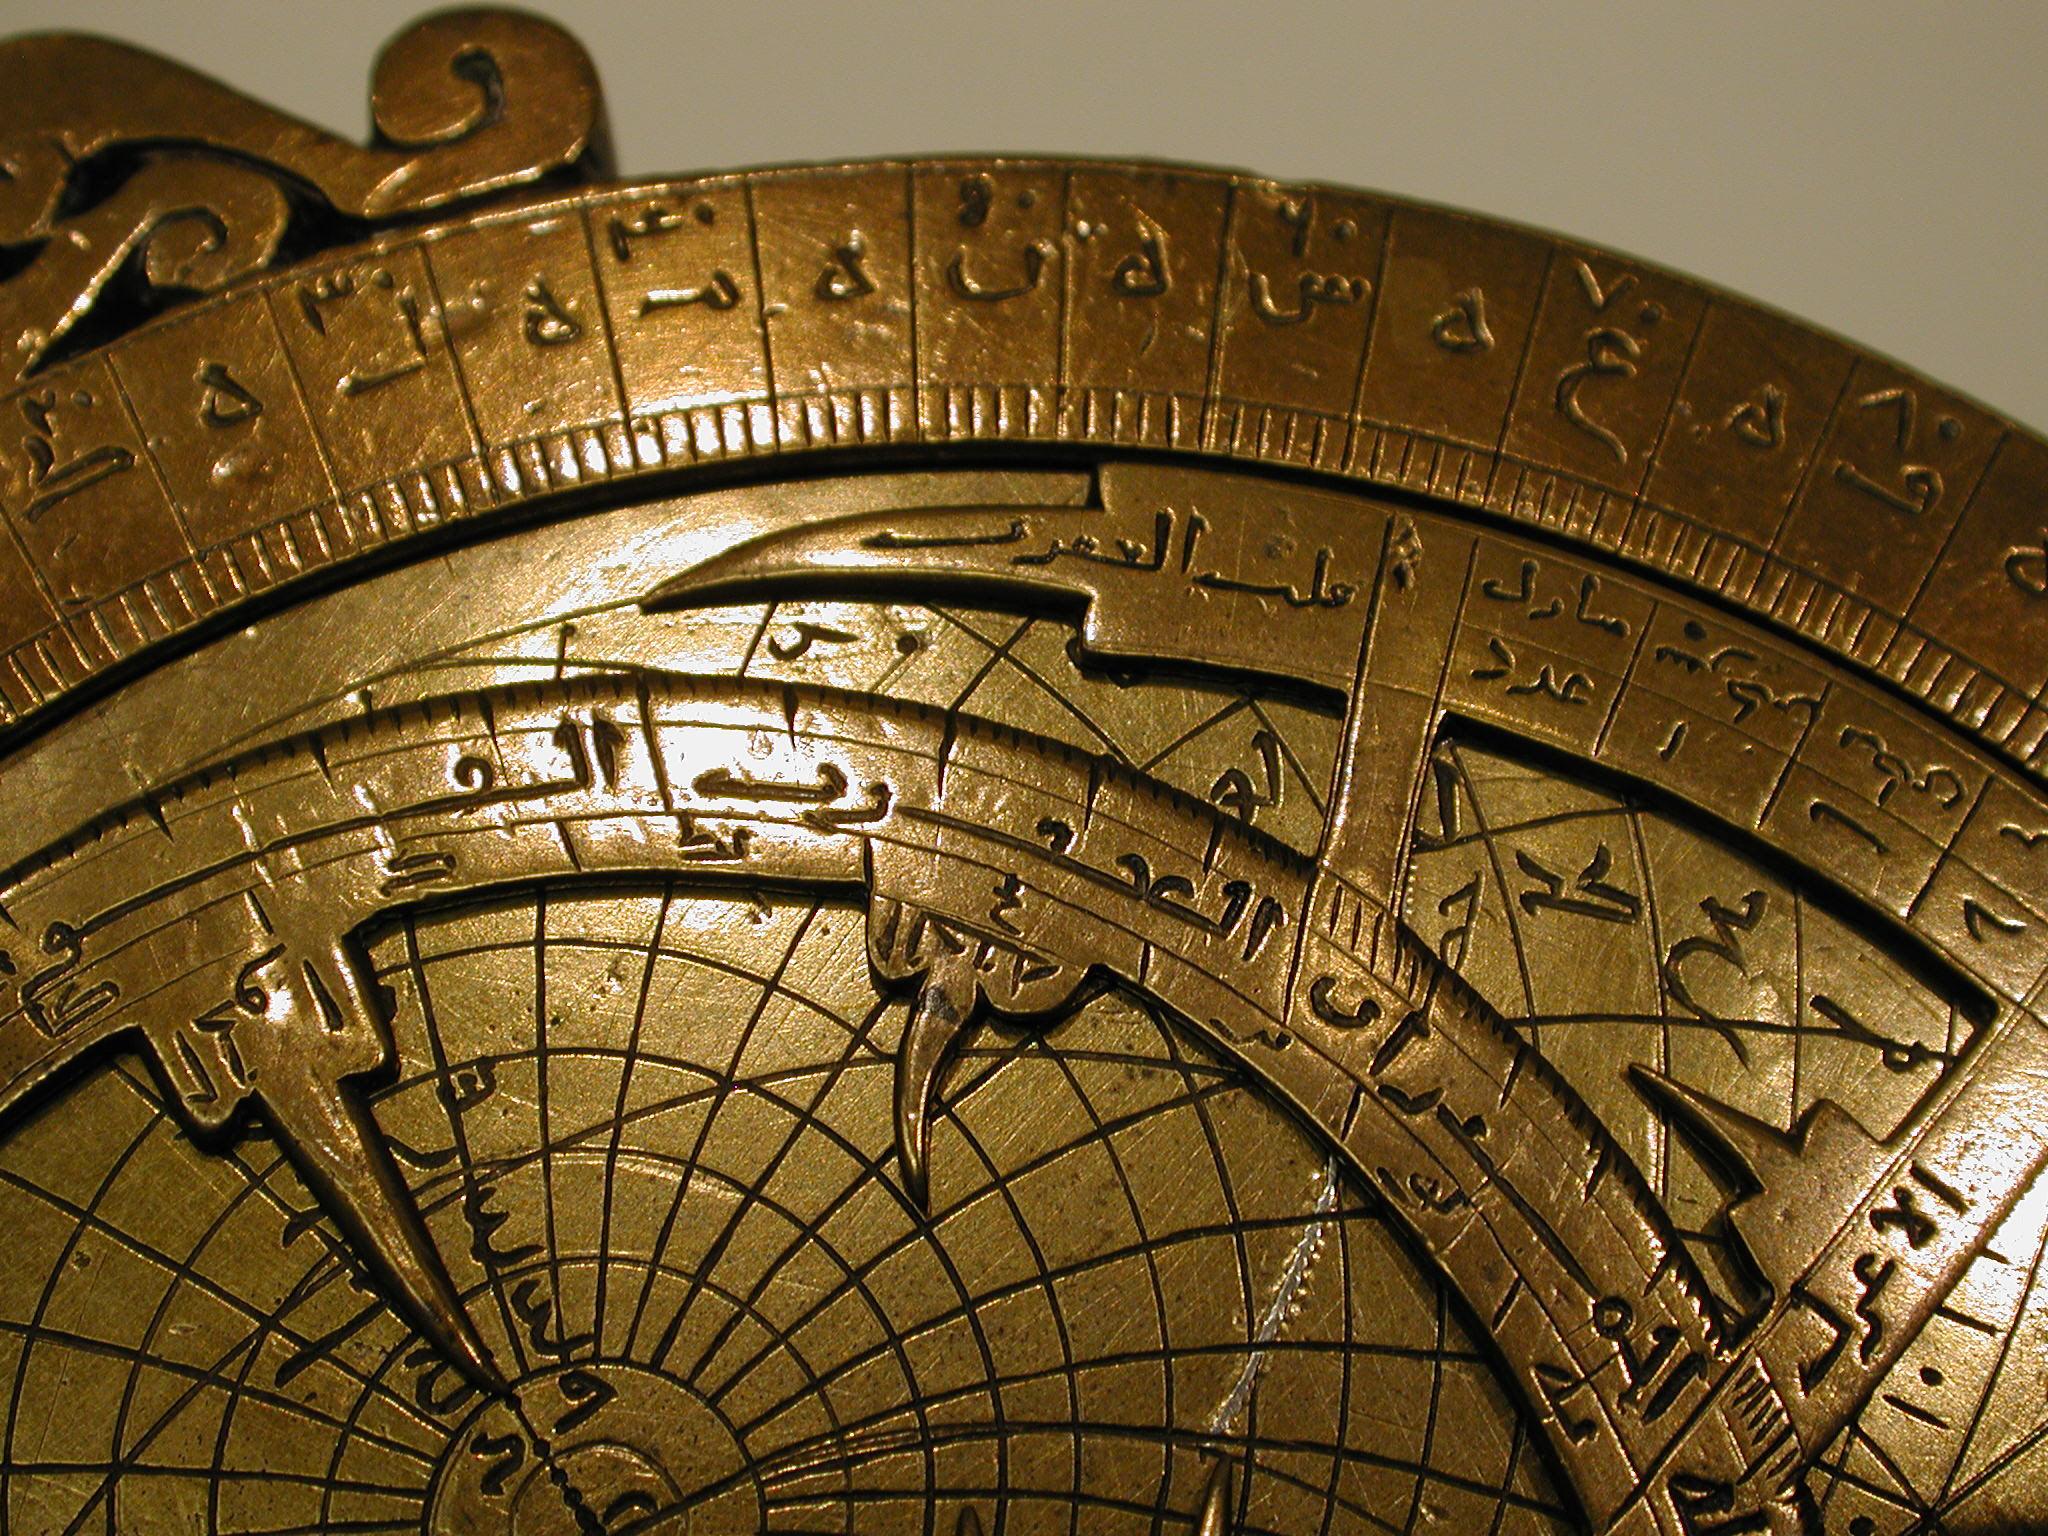 Ali Stock Chart: Astrolabe of 7Umar ibn Yusuf ibn 7Umar ibn 7Ali ibn Rasul al ,Chart